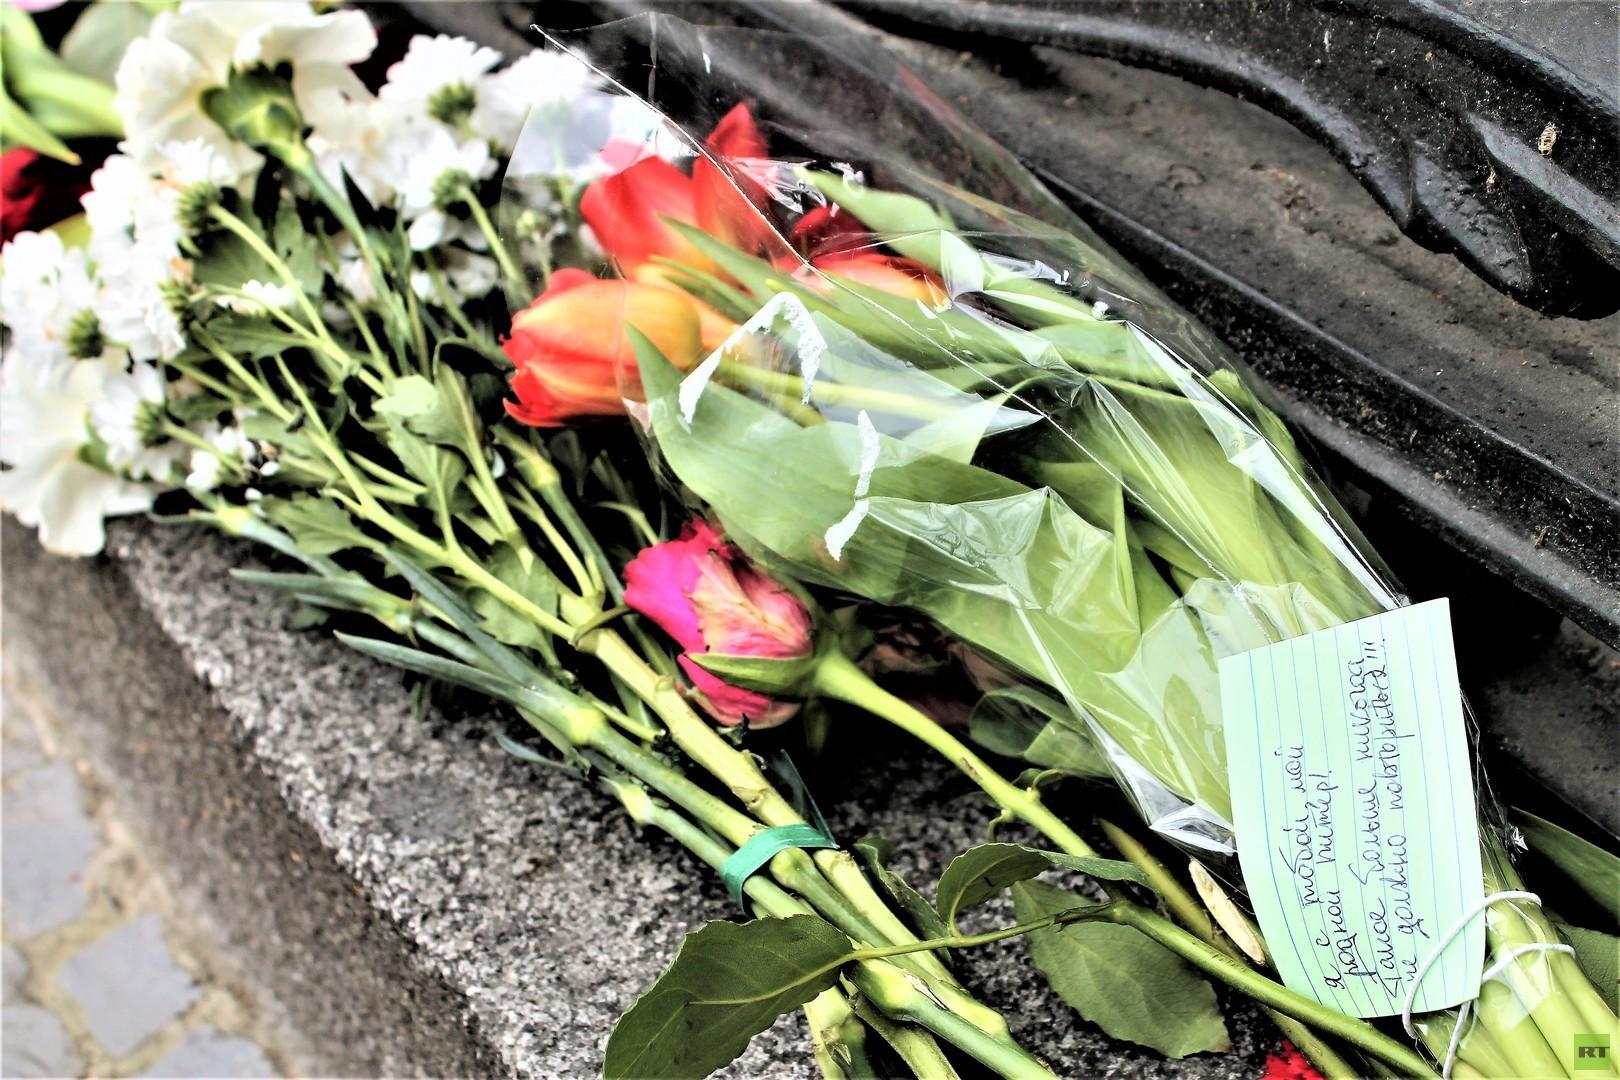 Anschlag in Russland: Tendenziöse Betroffenheitspolitik des Berliner Senats sorgt für Unverständnis